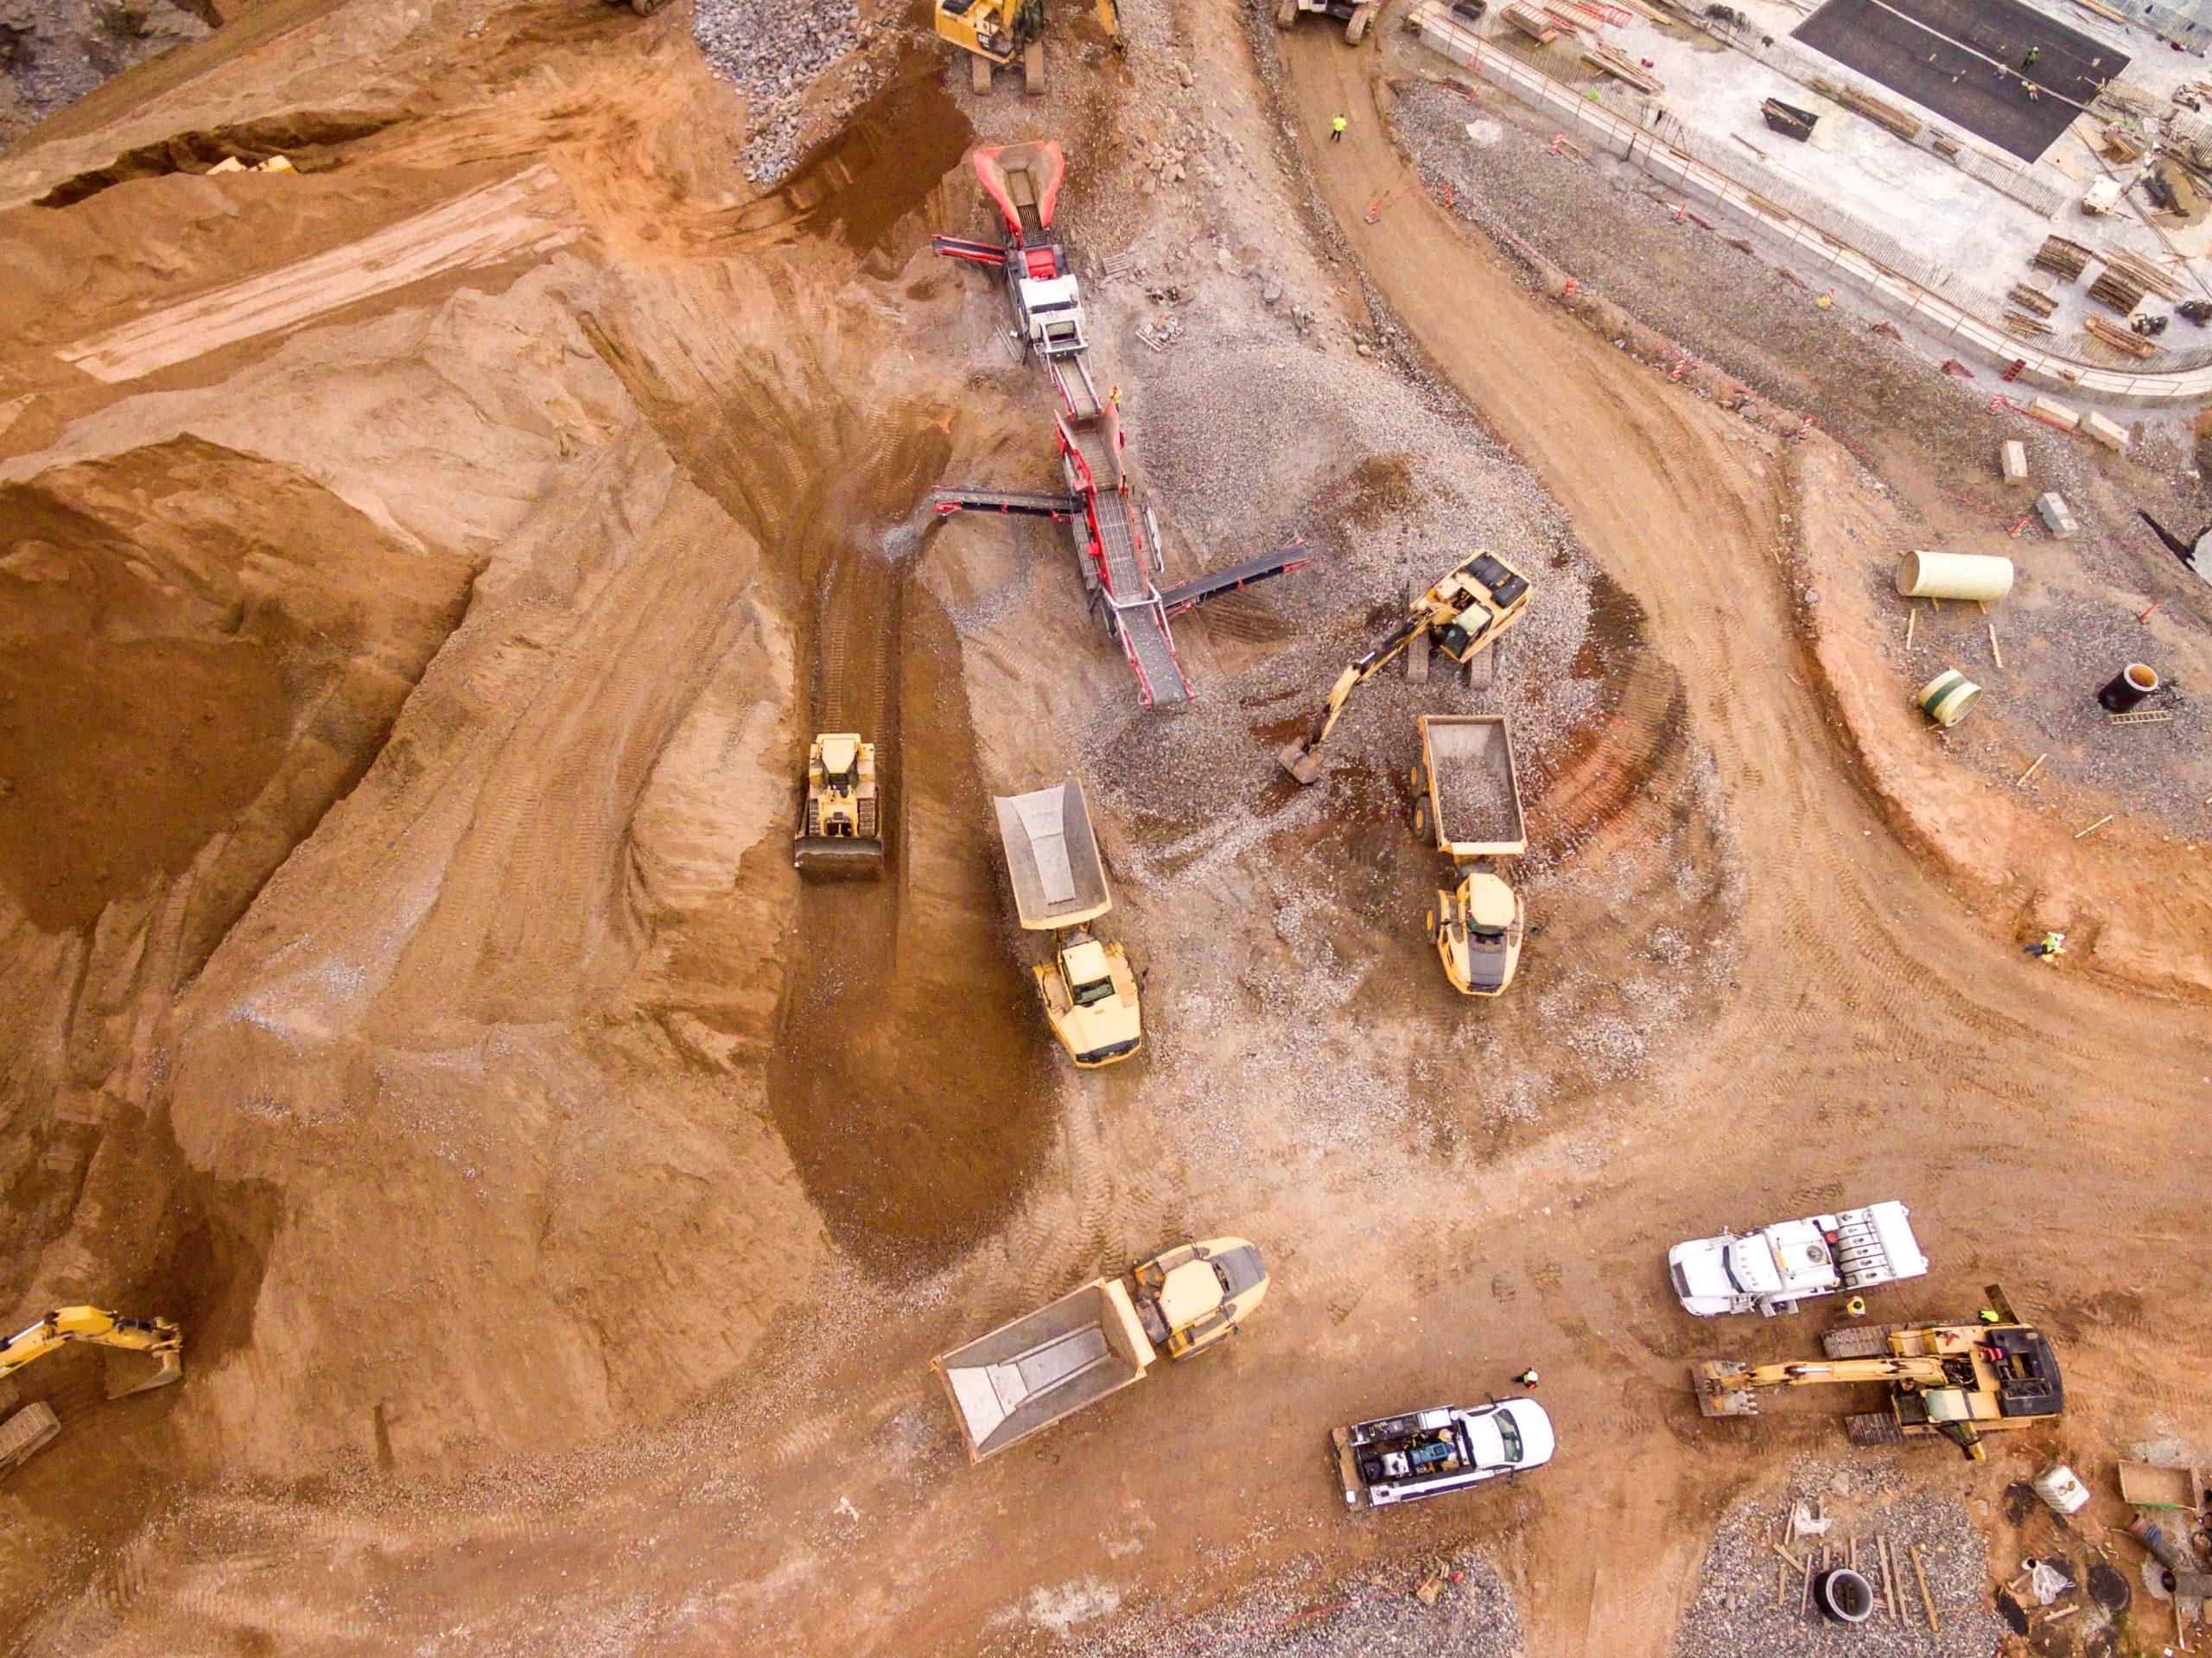 Trucks at a mining site